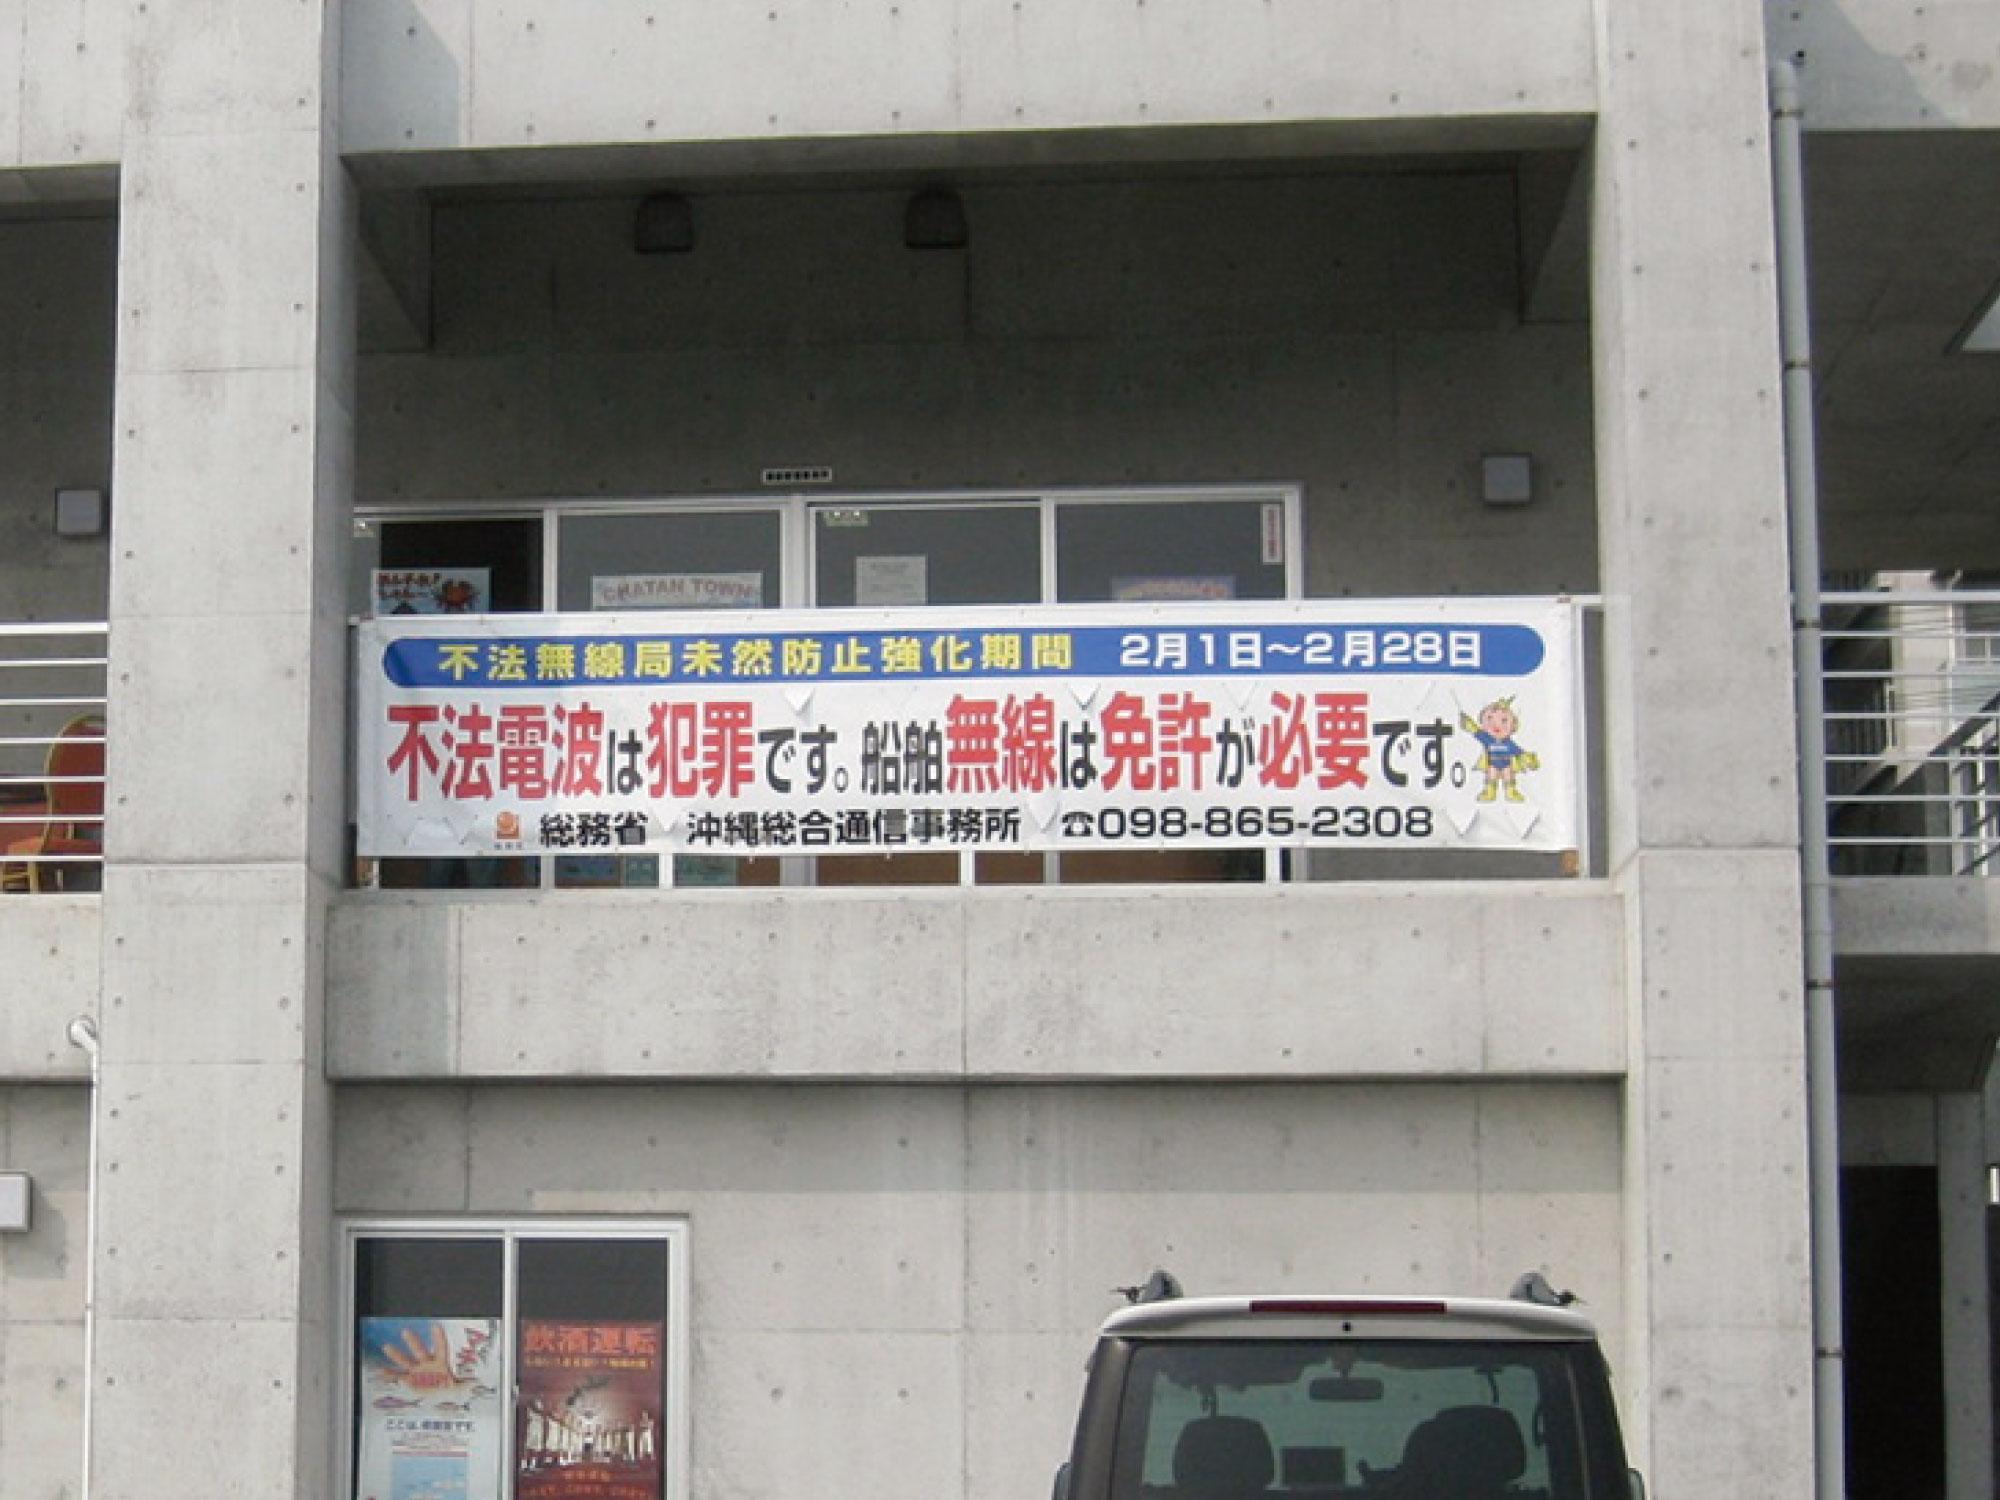 総務省・沖縄総合通信事務所